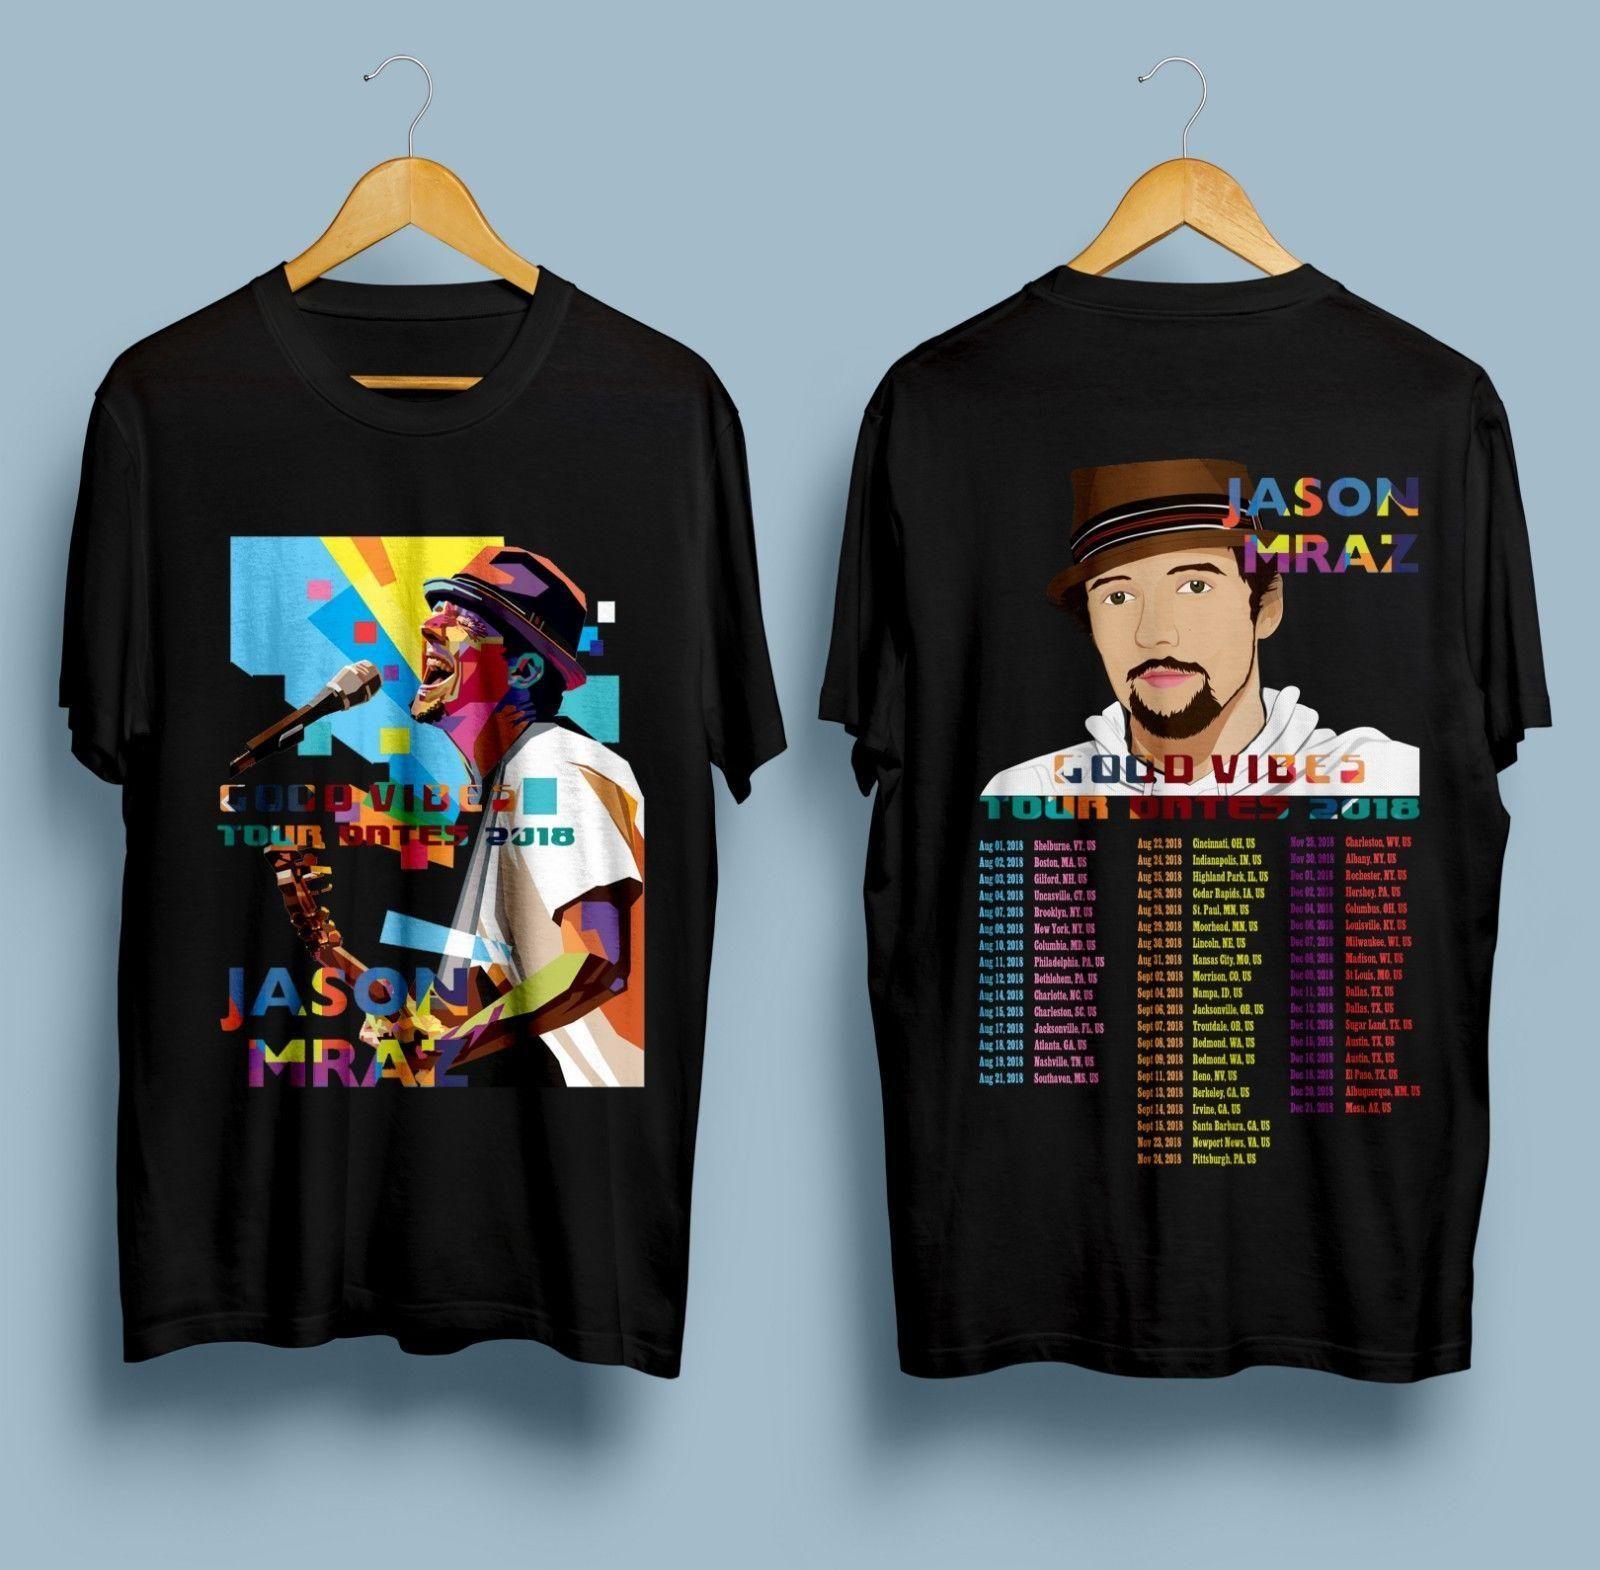 New Jason Mraz Good Vibes Tour Dates 2018 T Shirt Fashion Unique